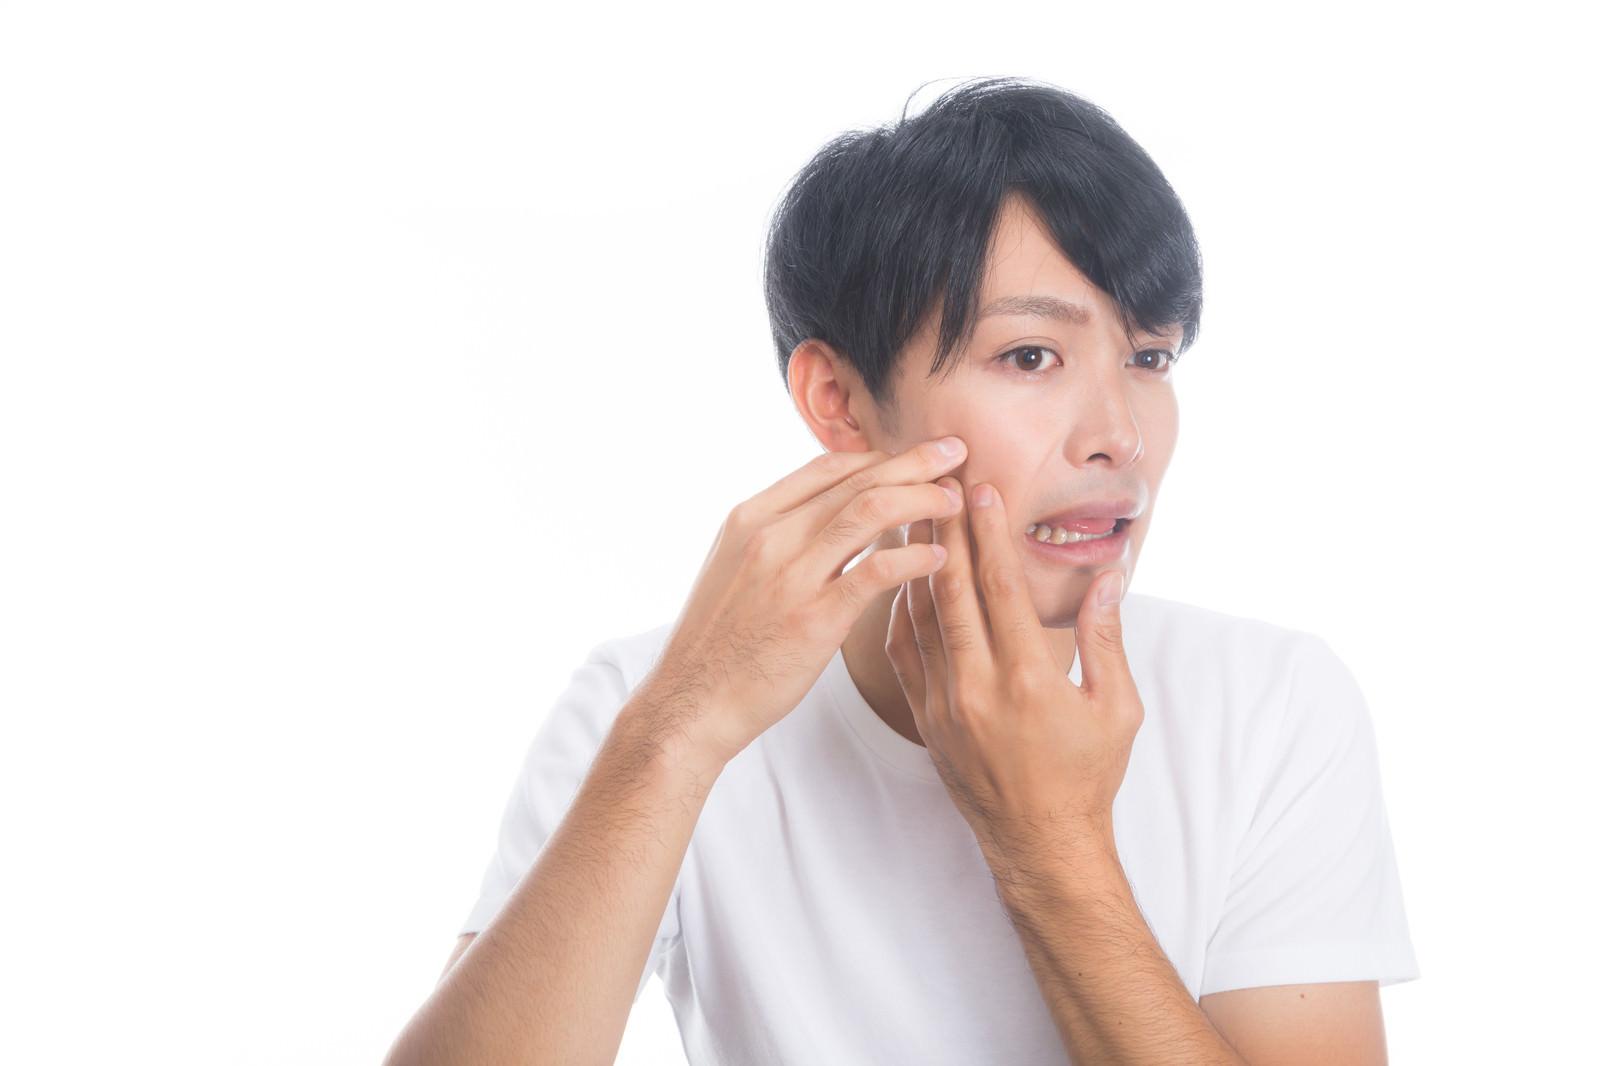 「ニキビを潰しちゃう系男子」の写真[モデル:完伍]